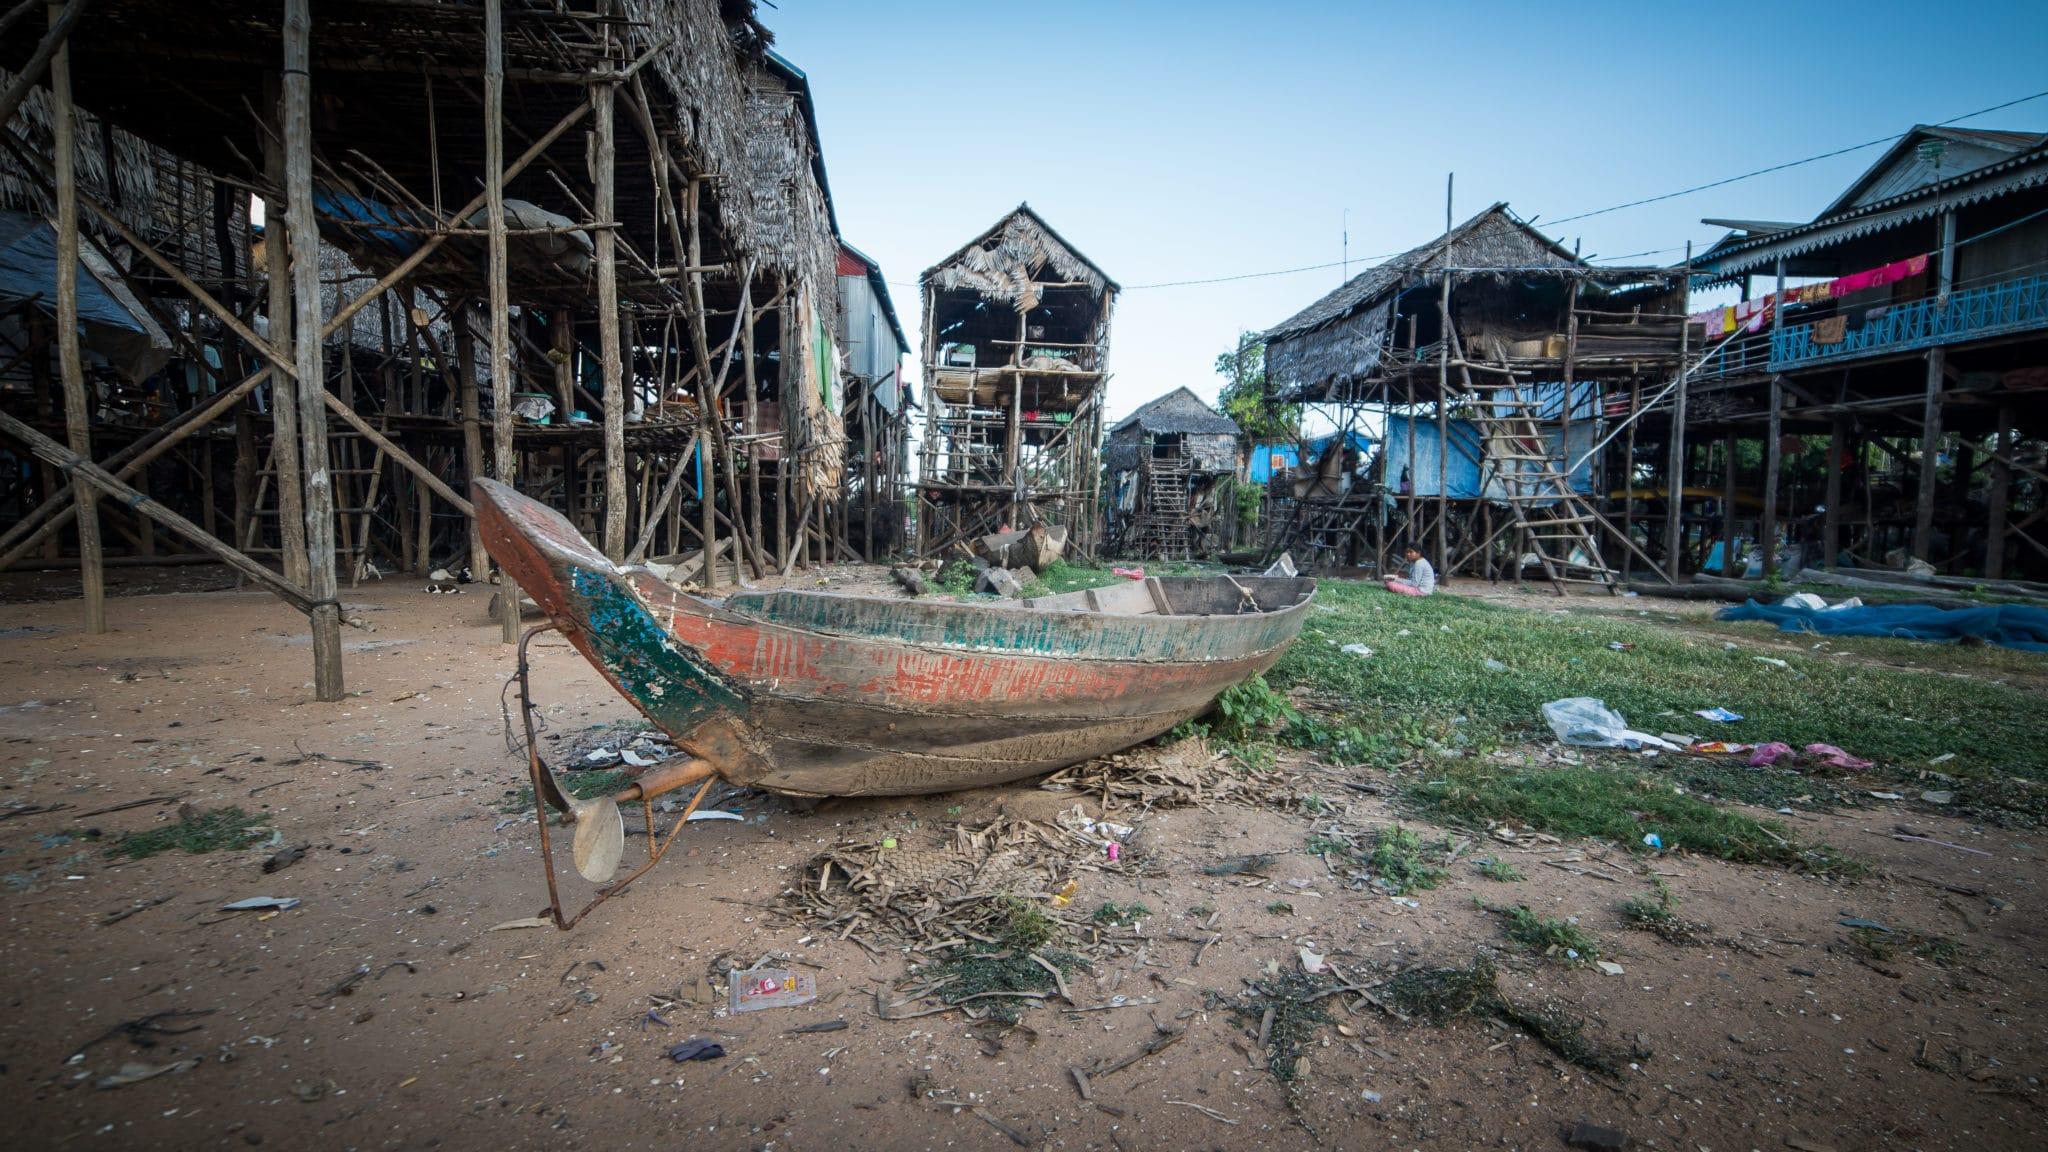 Dry Season Kompong Khleang